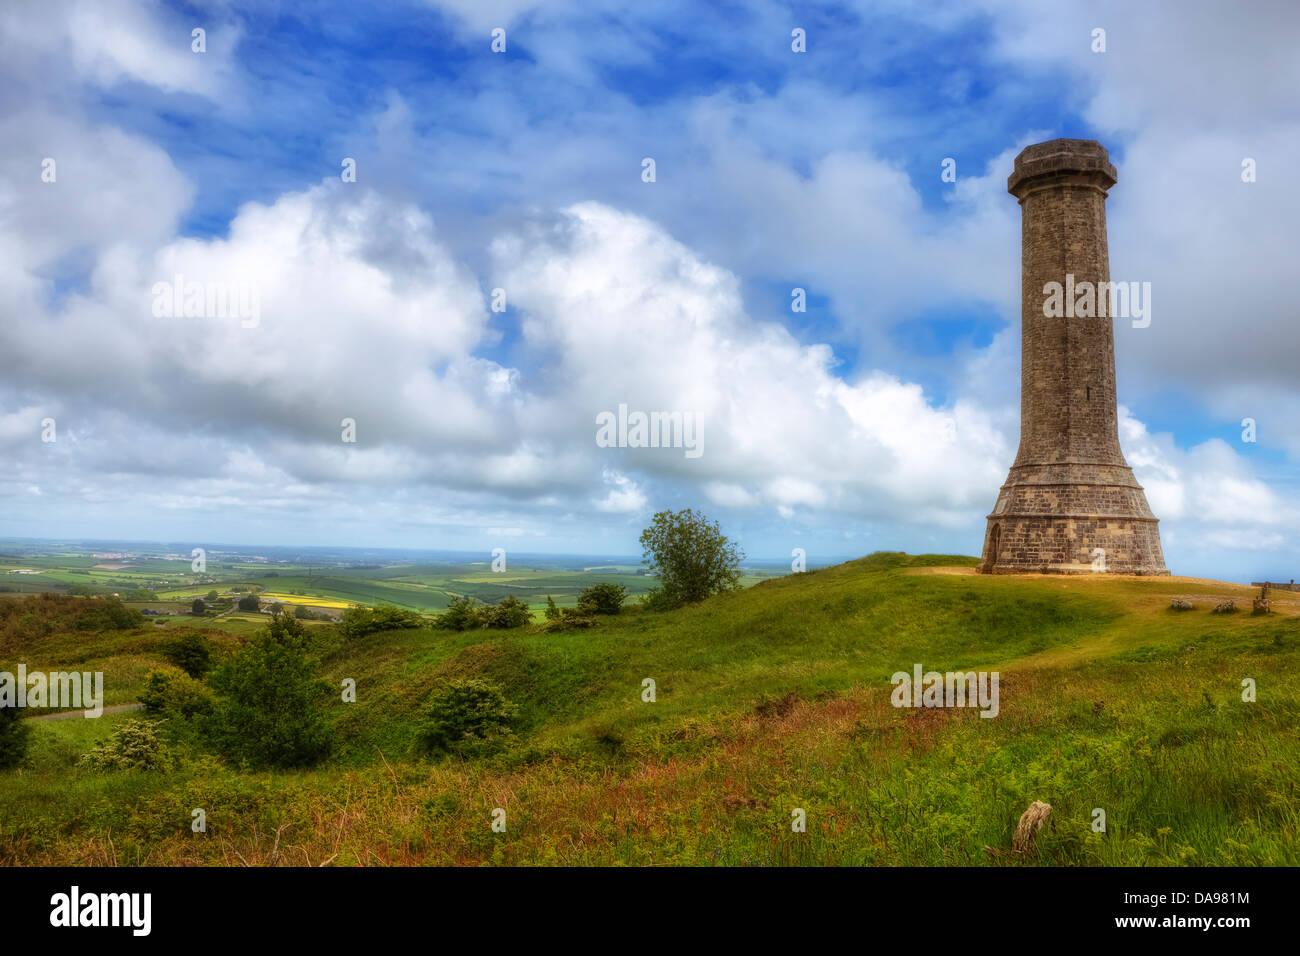 Hardy Monument, Dorset, United Kingdom - Stock Image